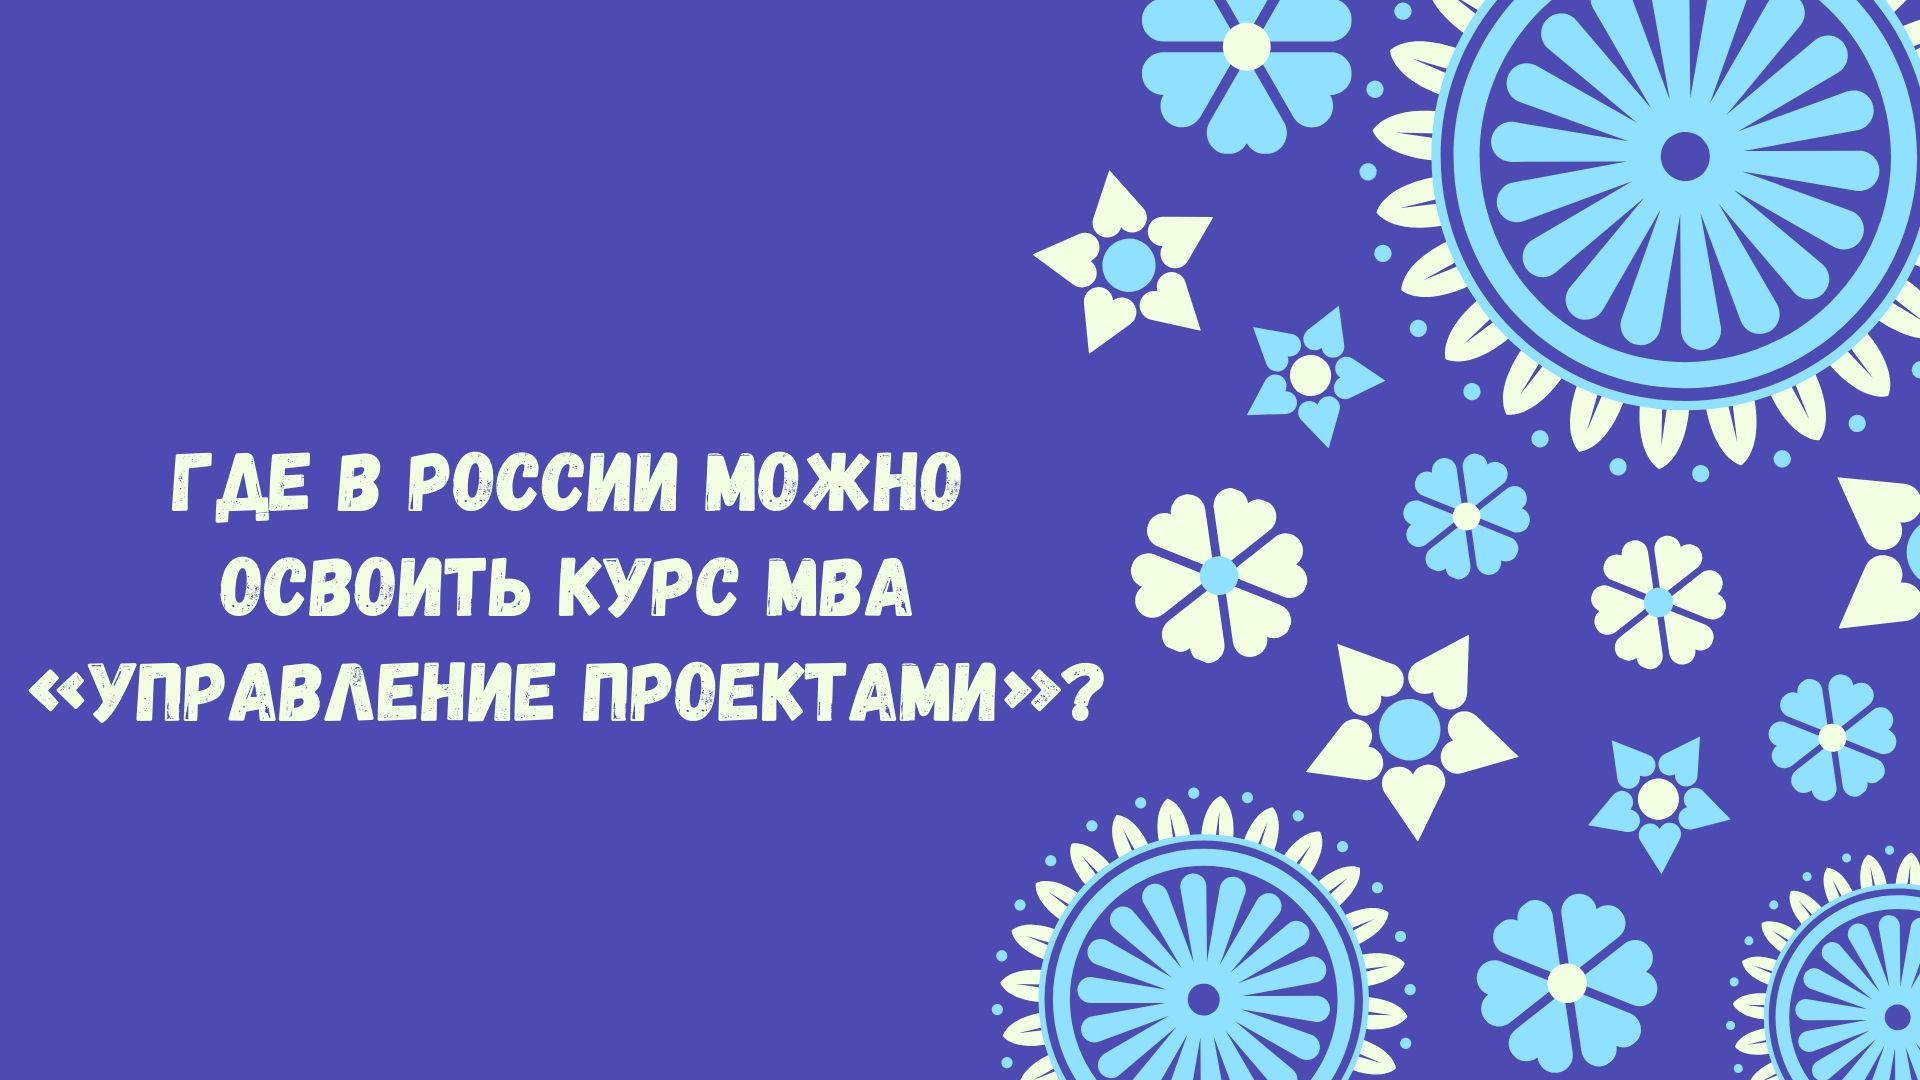 Где в России можно освоить курс МВА «Управление проектами»?